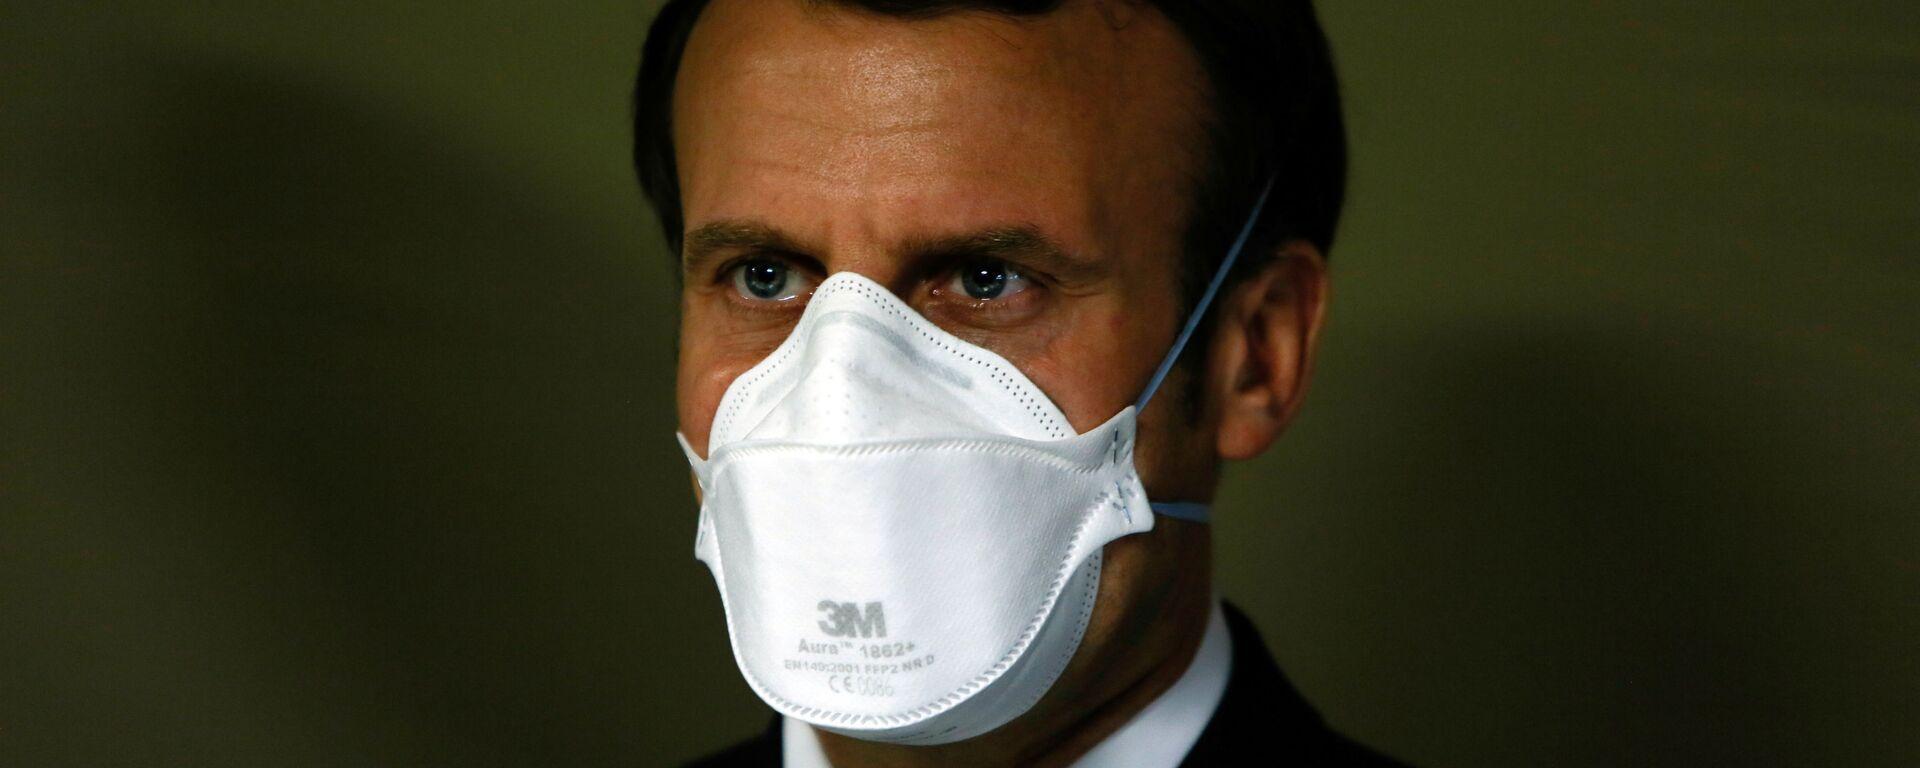 Президент Франции Эммануэль Макрон в медицинской маске - Sputnik Ўзбекистон, 1920, 26.03.2021